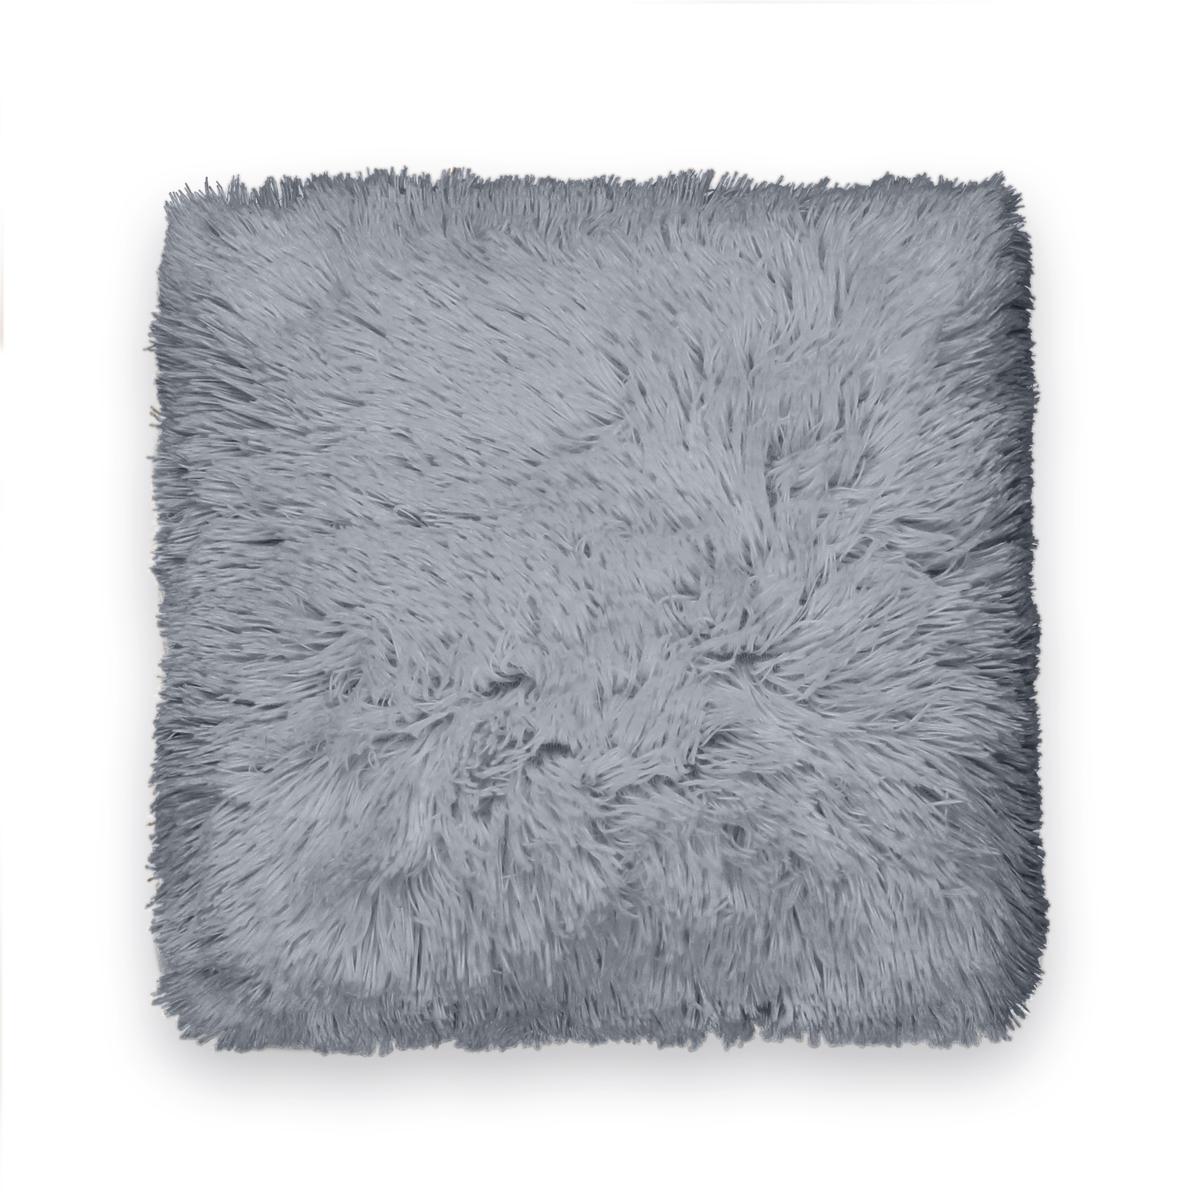 Чехол La Redoute Для подушки DOUDOUX 40 x 40 см серый льняной la redoute чехол для подушки georgette 50 x 30 см желтый